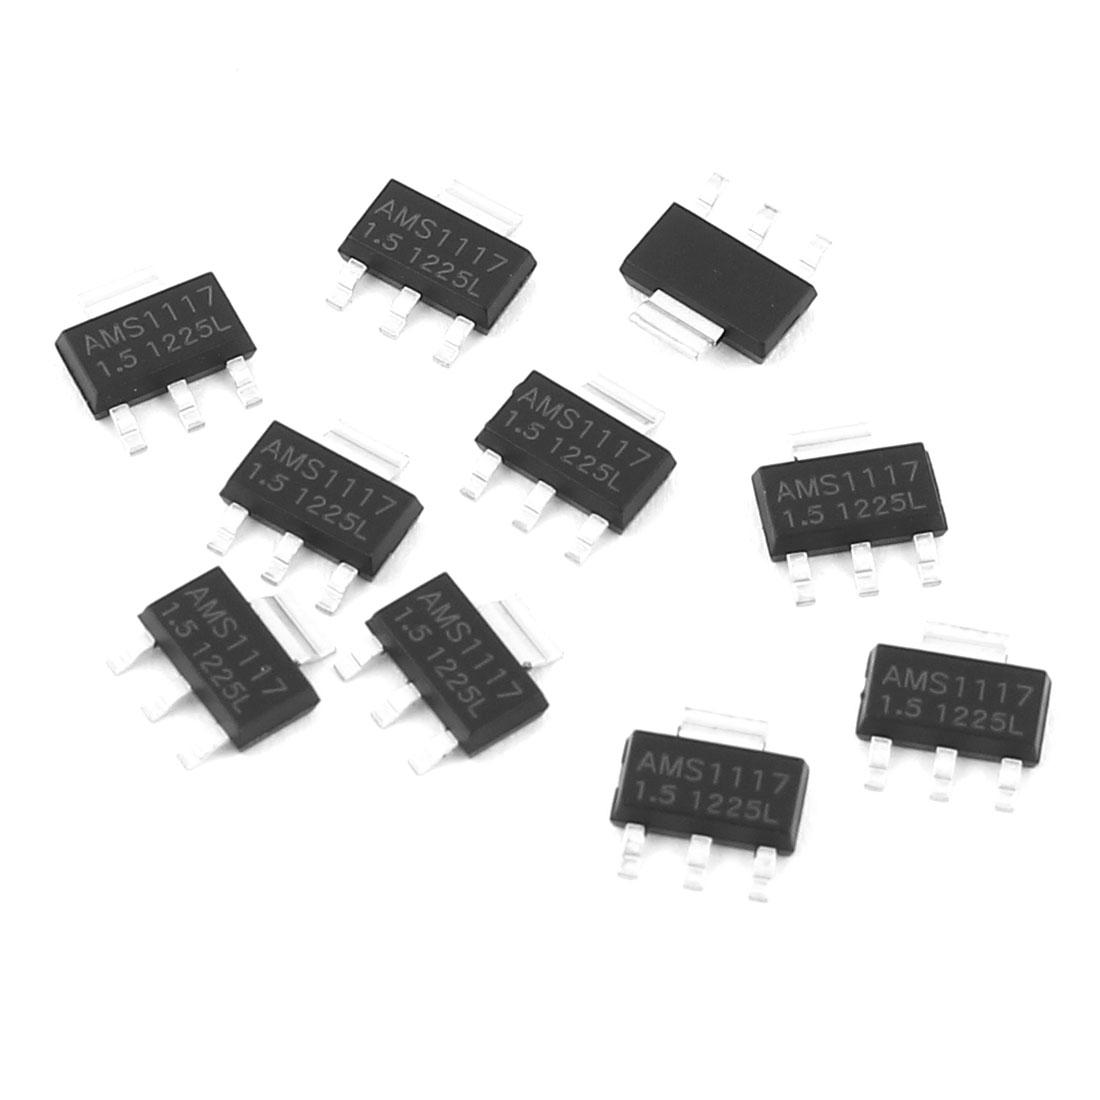 10 Pcs AMS1117-1.5 1.5V SOT-223 Low Dropout Voltage Linear Regulator IC